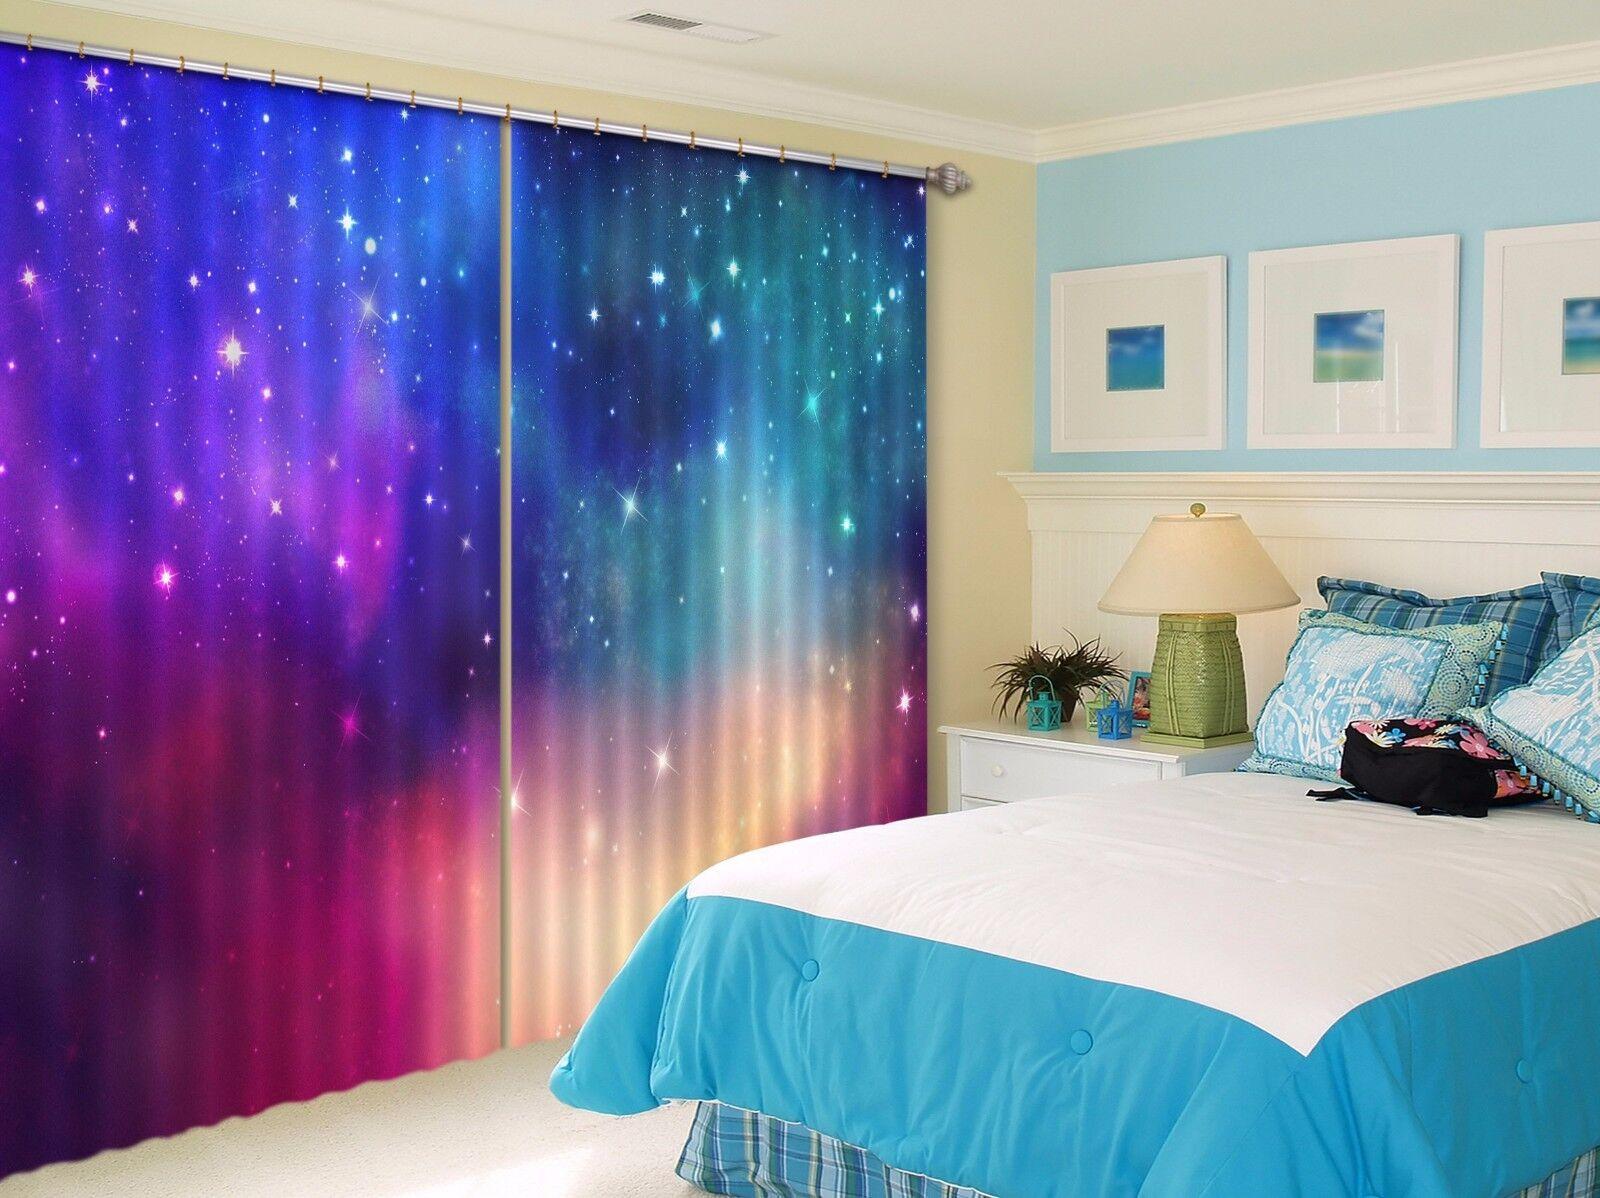 3d estrellas cielo 83 bloqueo foto cortina cortina de impresión sustancia cortinas de ventana